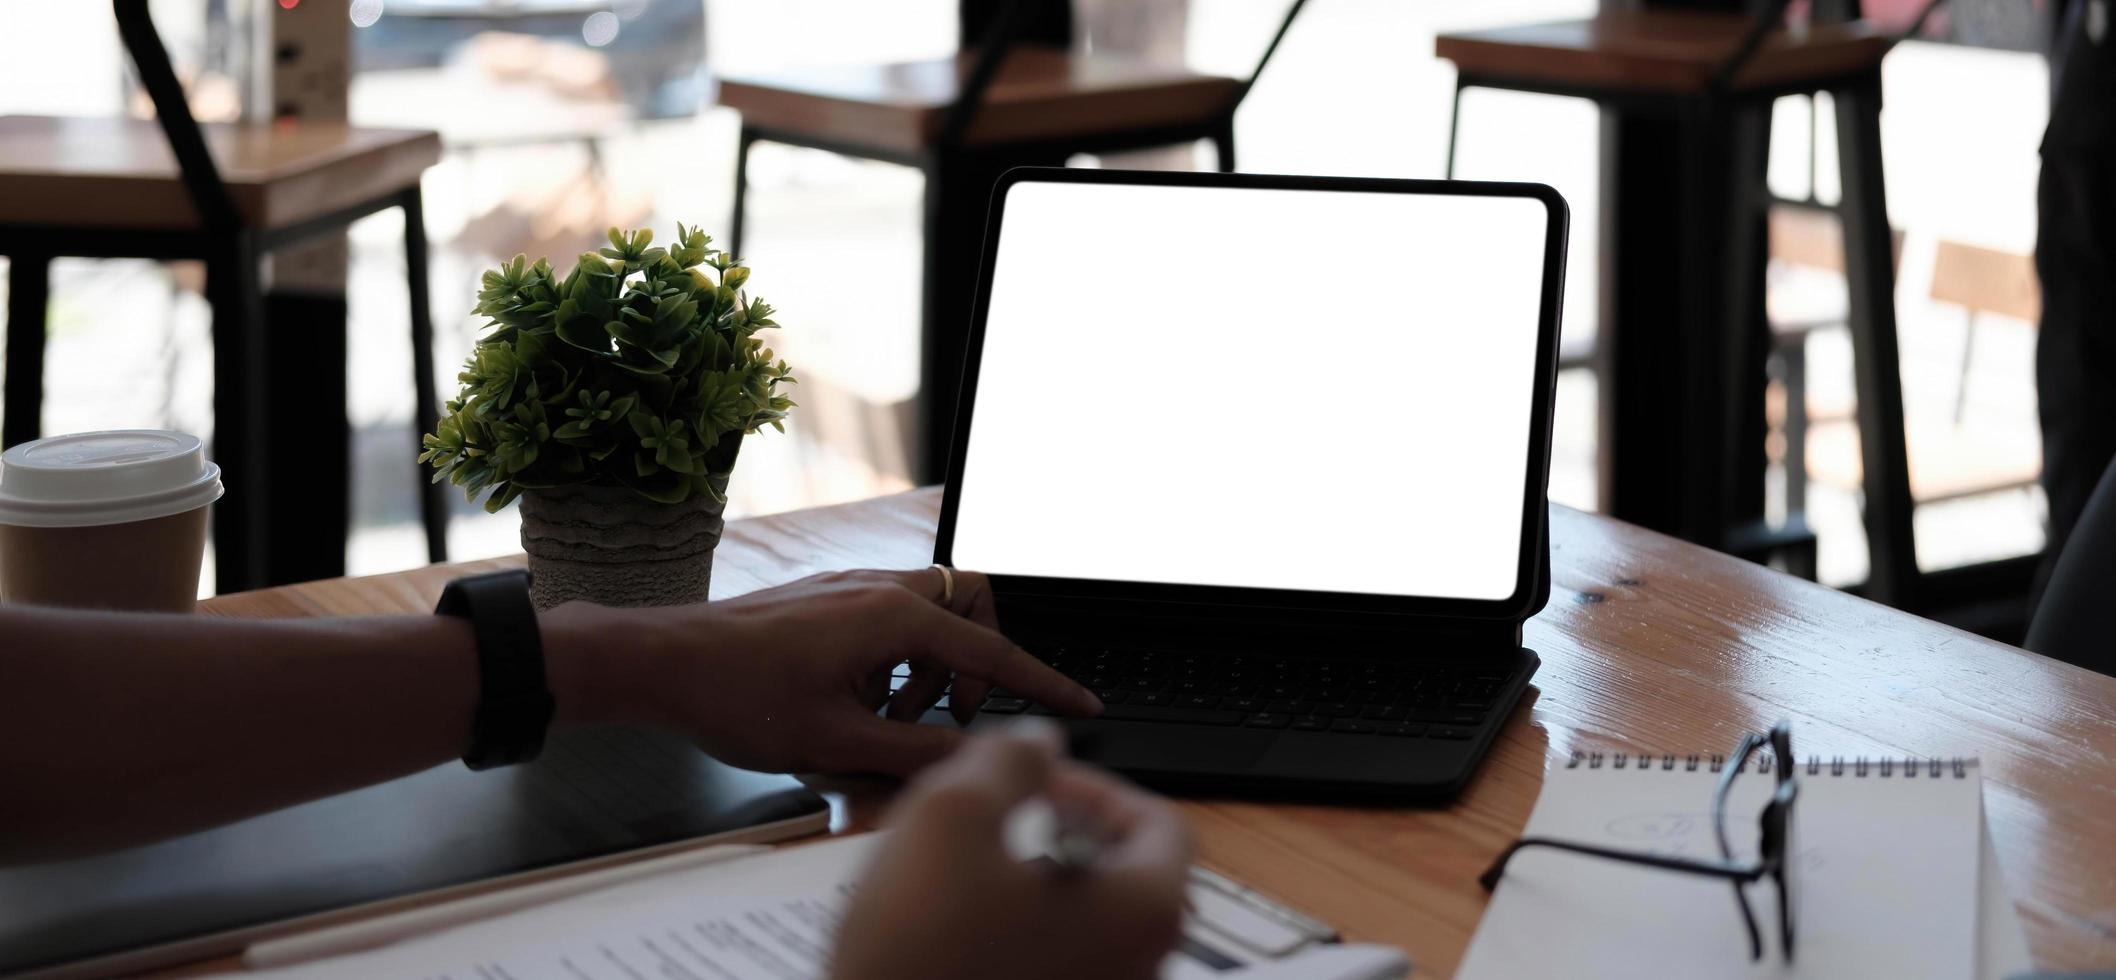 Geschäftsfrau, die leeren Bildschirm des Laptops verwendet, während sie mit Taschenrechner für Finanzen arbeitet. Beschneidungspfad foto